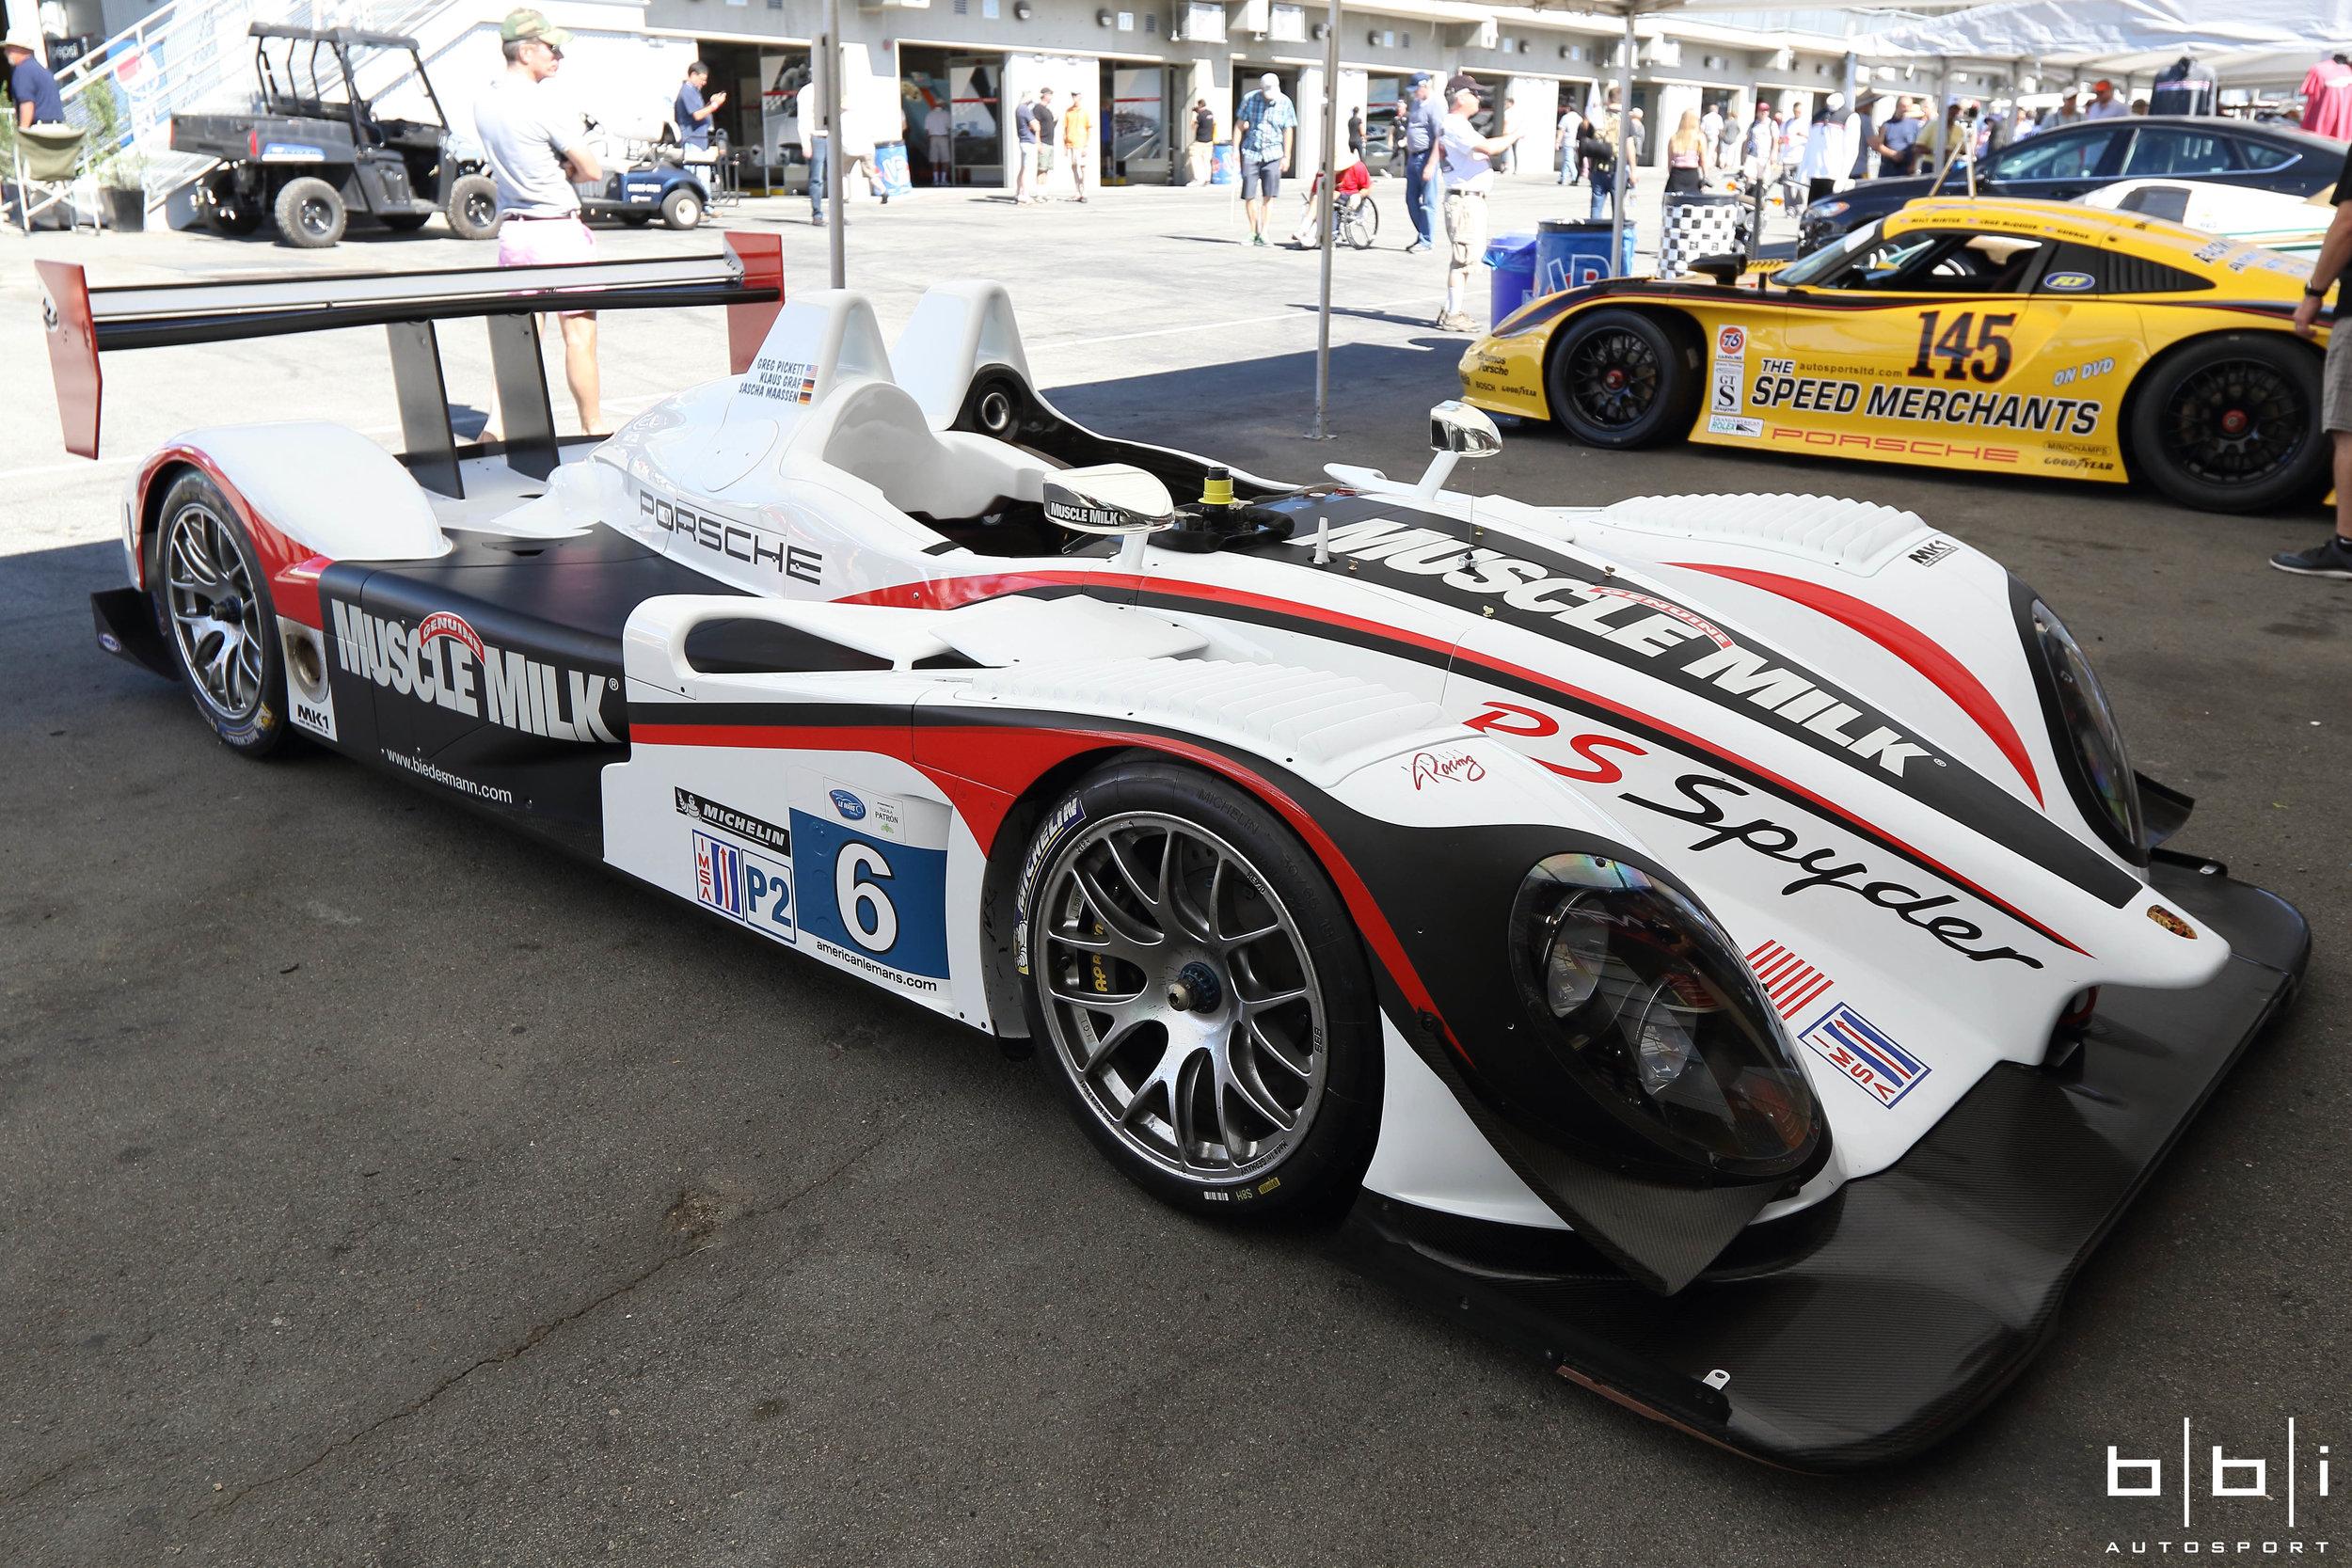 Muscle Milk Team Cytosport Porsche RS Spyder Evo. Sebring LMP2 class winner.